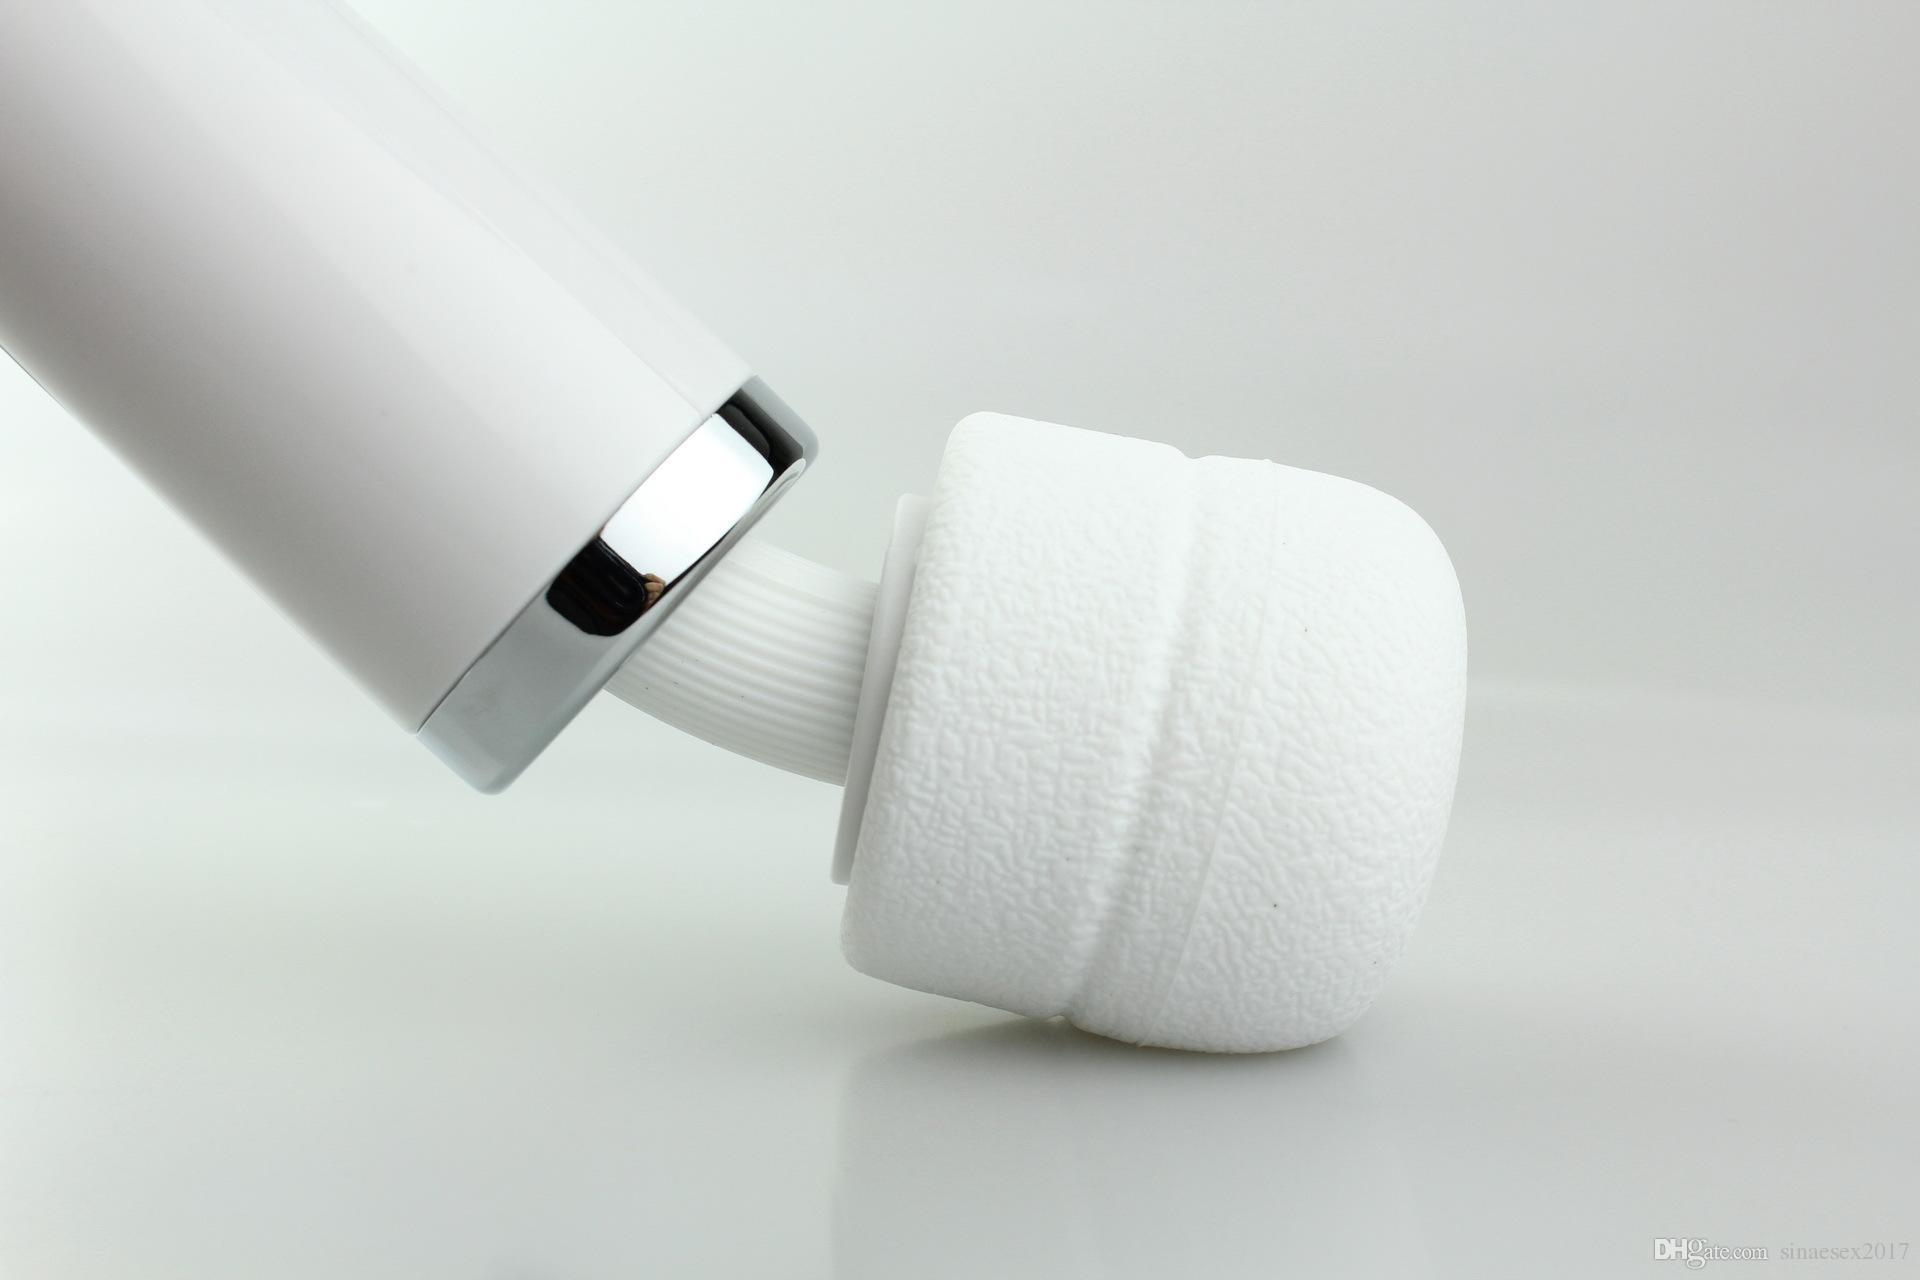 10 모드 에로틱 섹스 제품 커플의 USB 진동기 G 반점 강력한 전신 진동에 대한 여성 성인 섹스 장난감 AV 바이브레이터에 대한